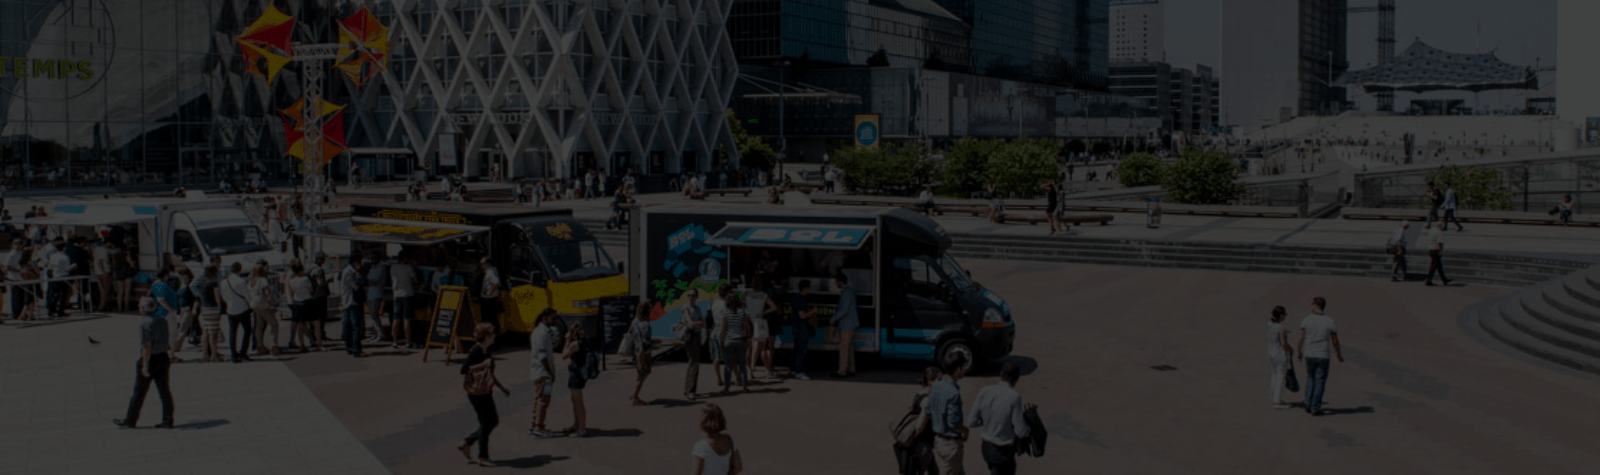 Dès le 9 mars, venez tester les food trucks de Paris La Defense saison 2020 !